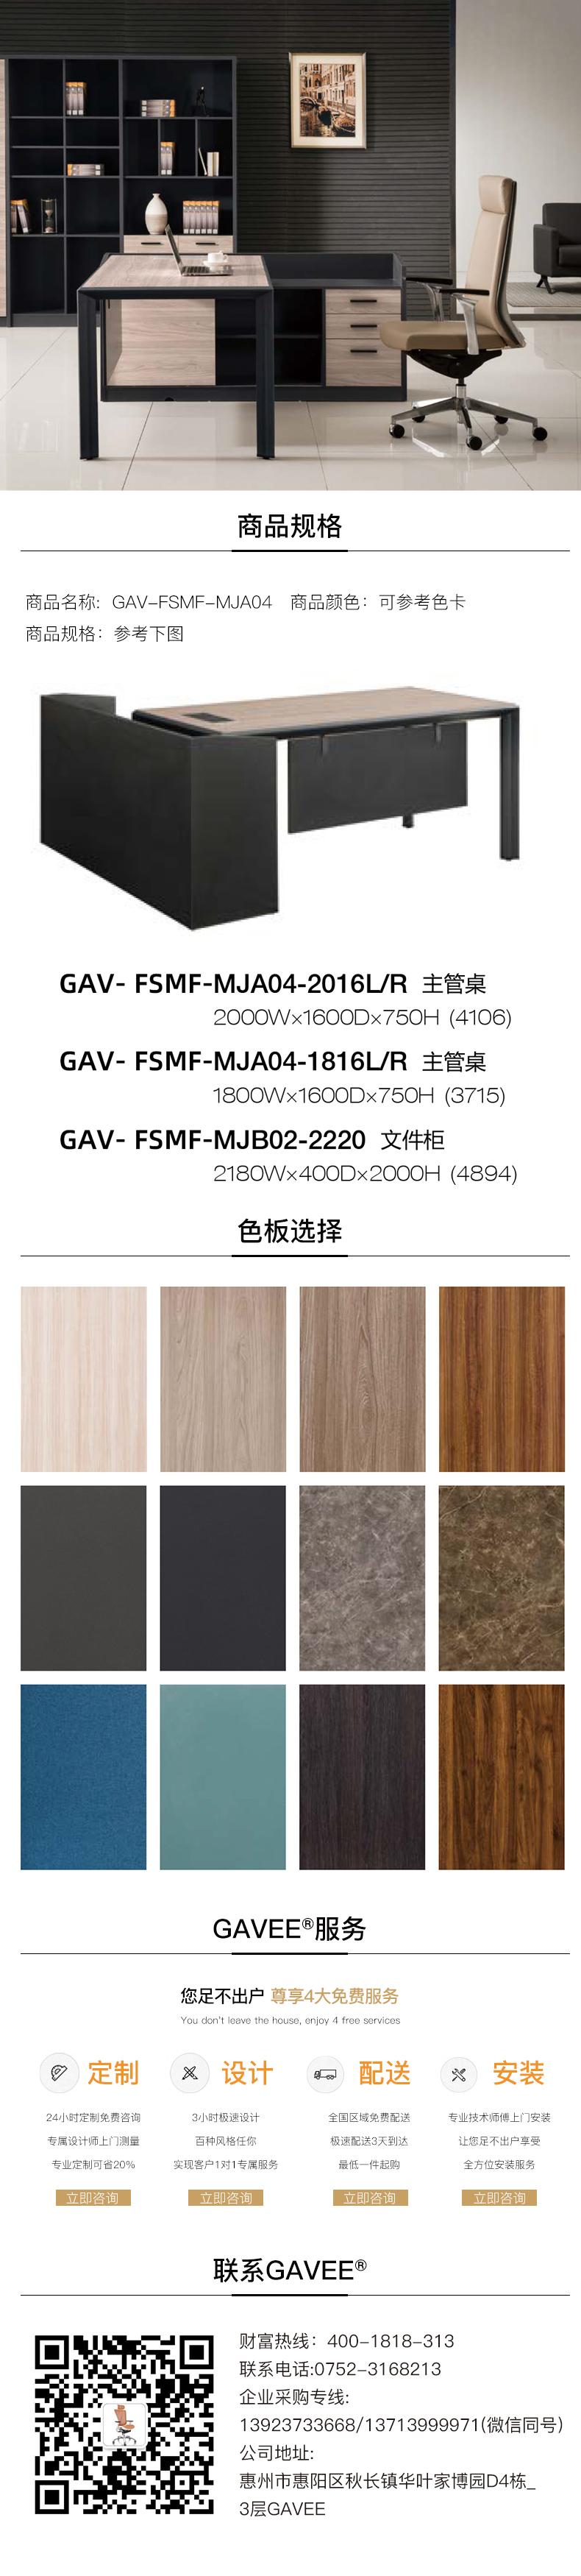 行政管理系統GAV-FSMF-MJA04.jpg